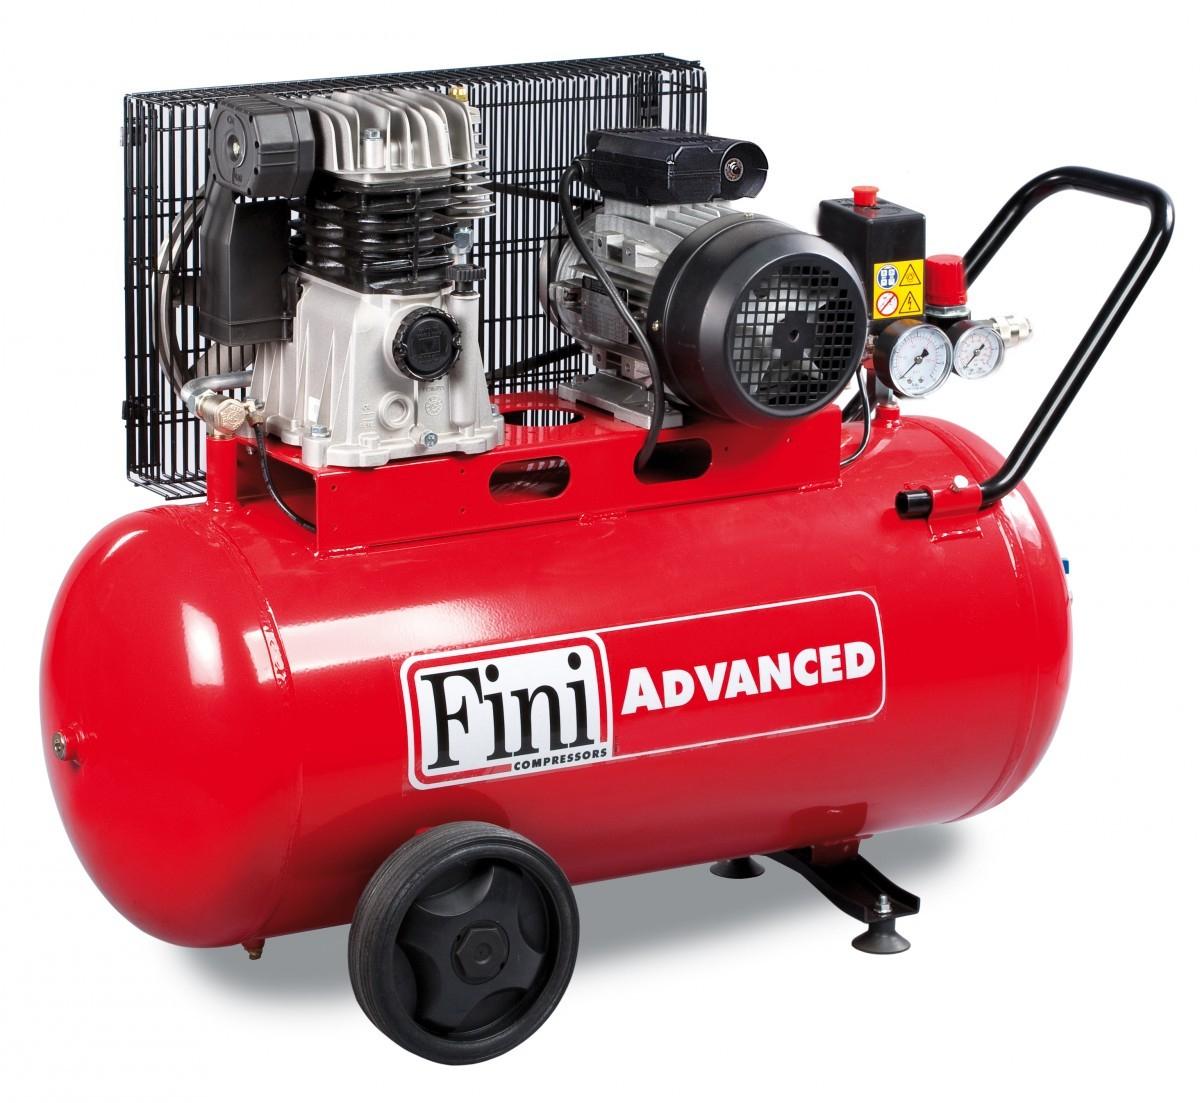 Image of Compressore Fini MK 103-90-3M